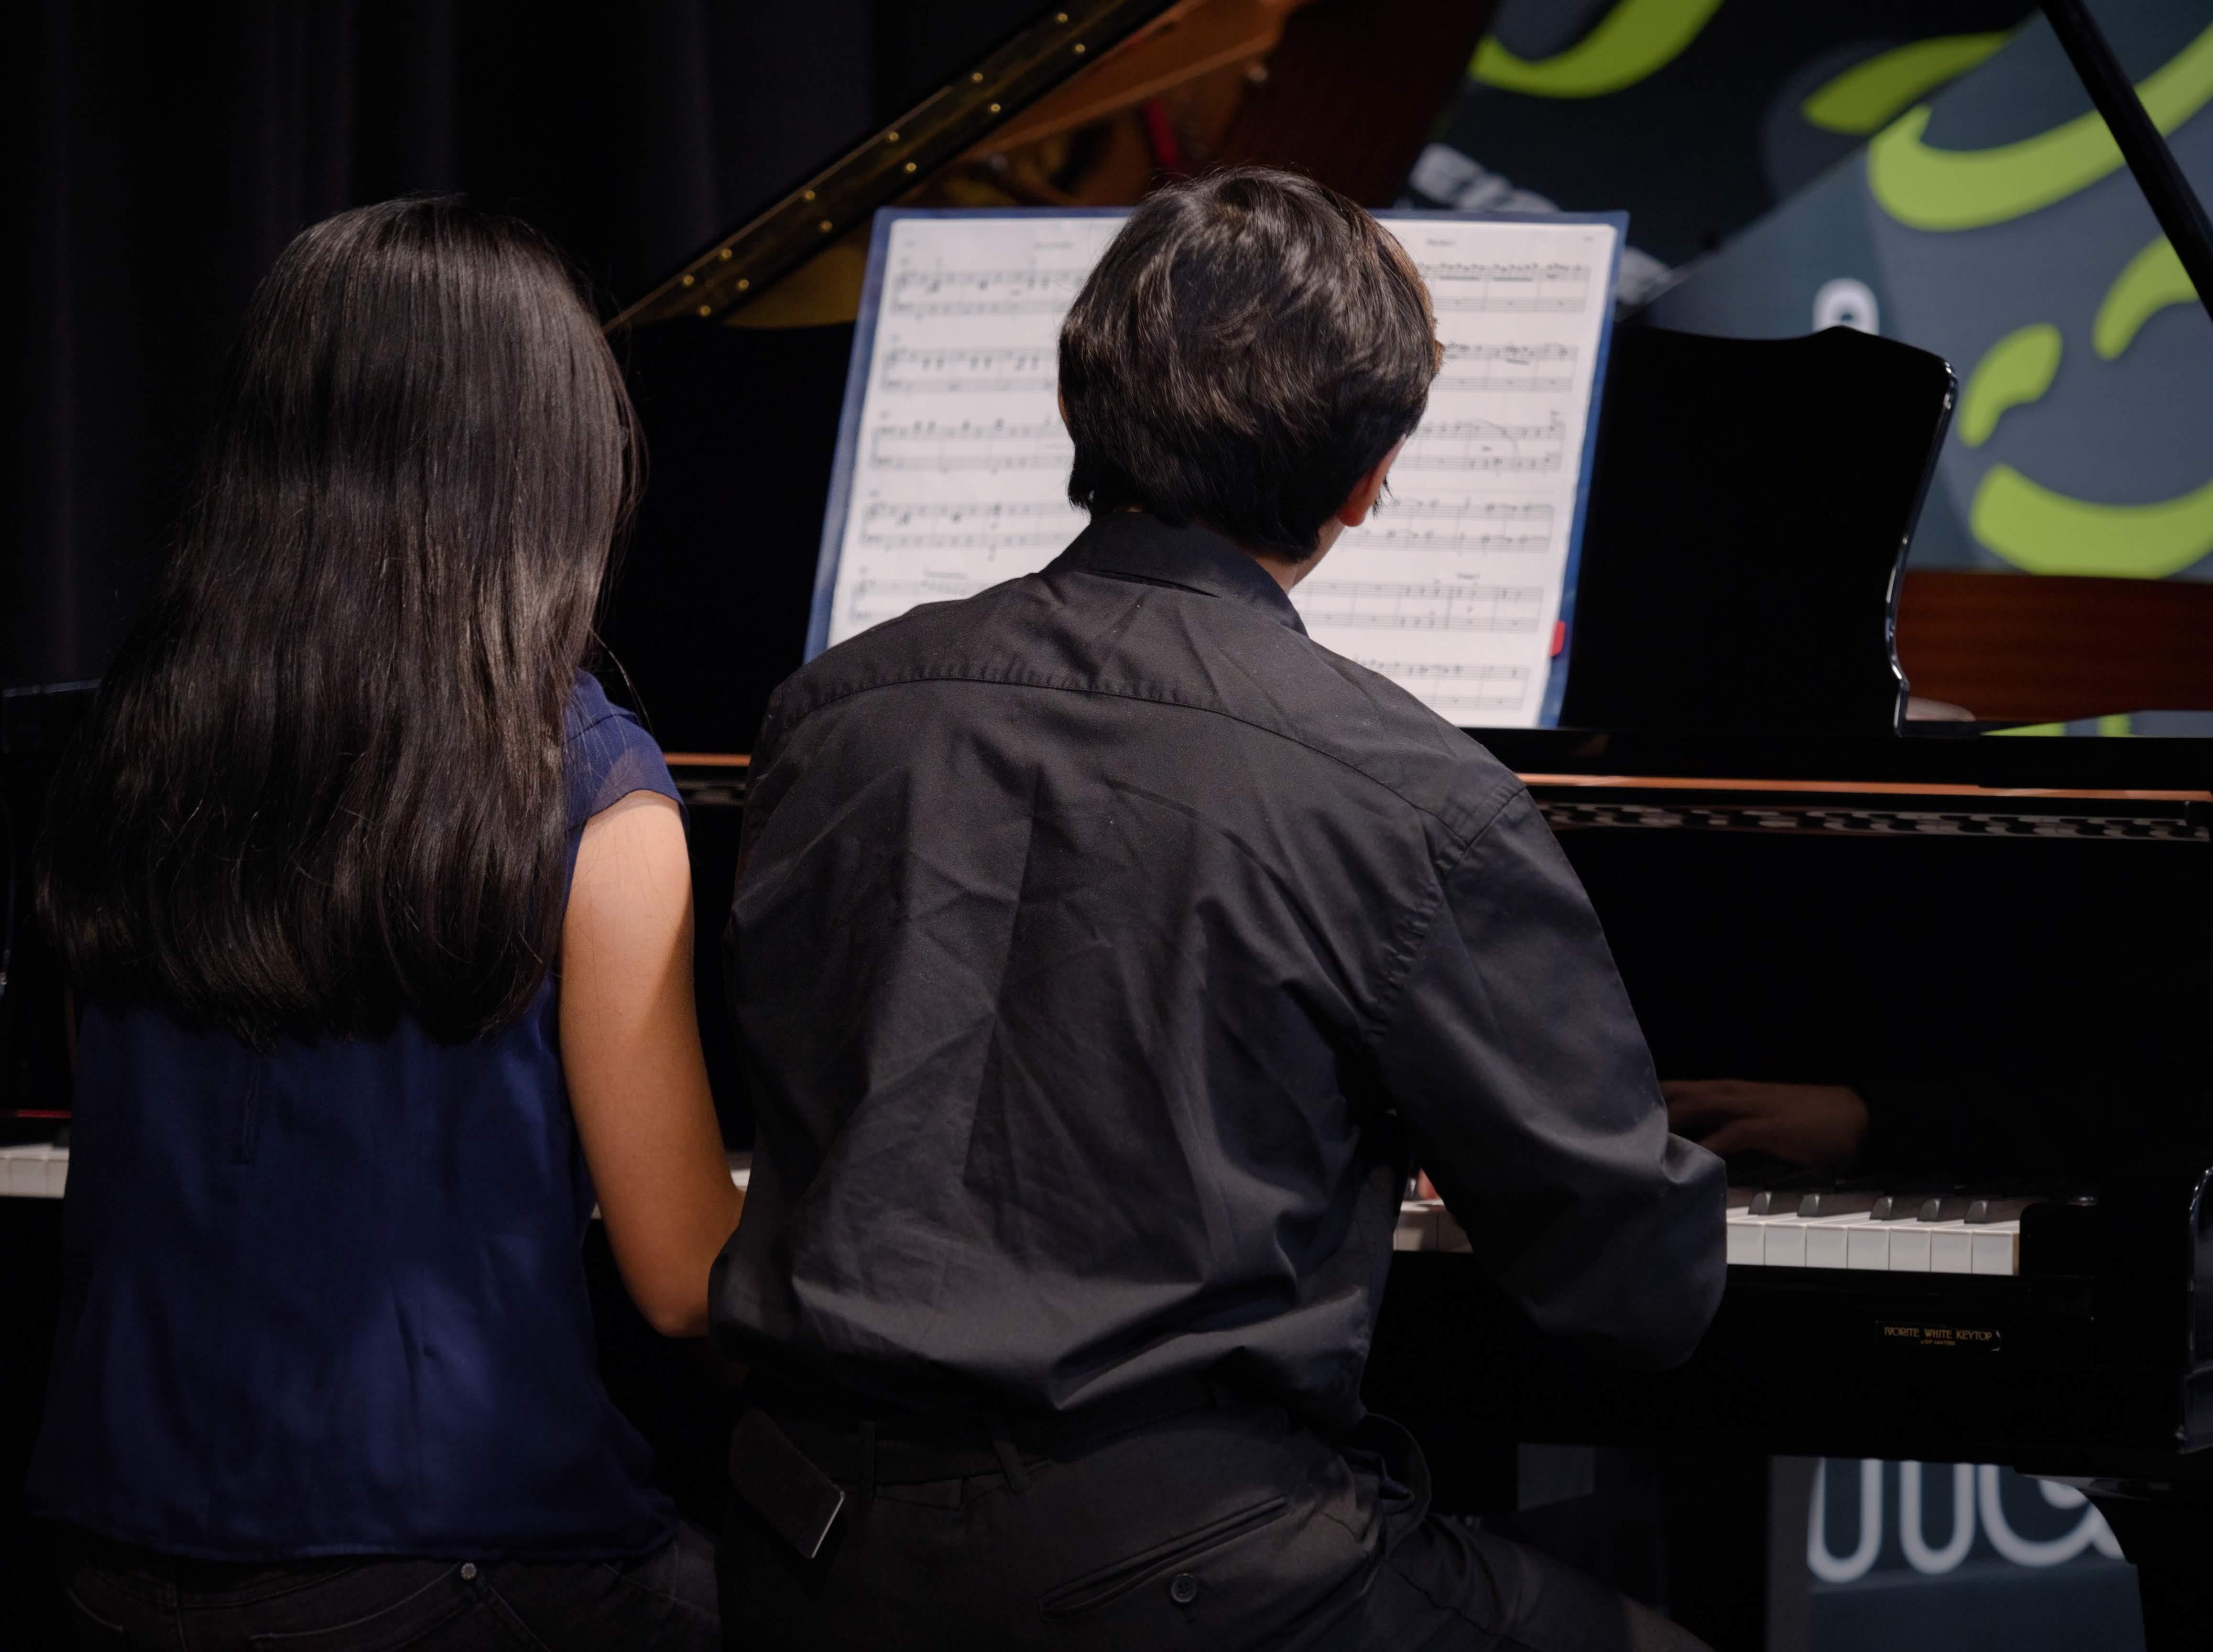 WGE Pianoforte Day 3 Steve Widjaja and Victoria Bahana Display Their Skills on the Piano